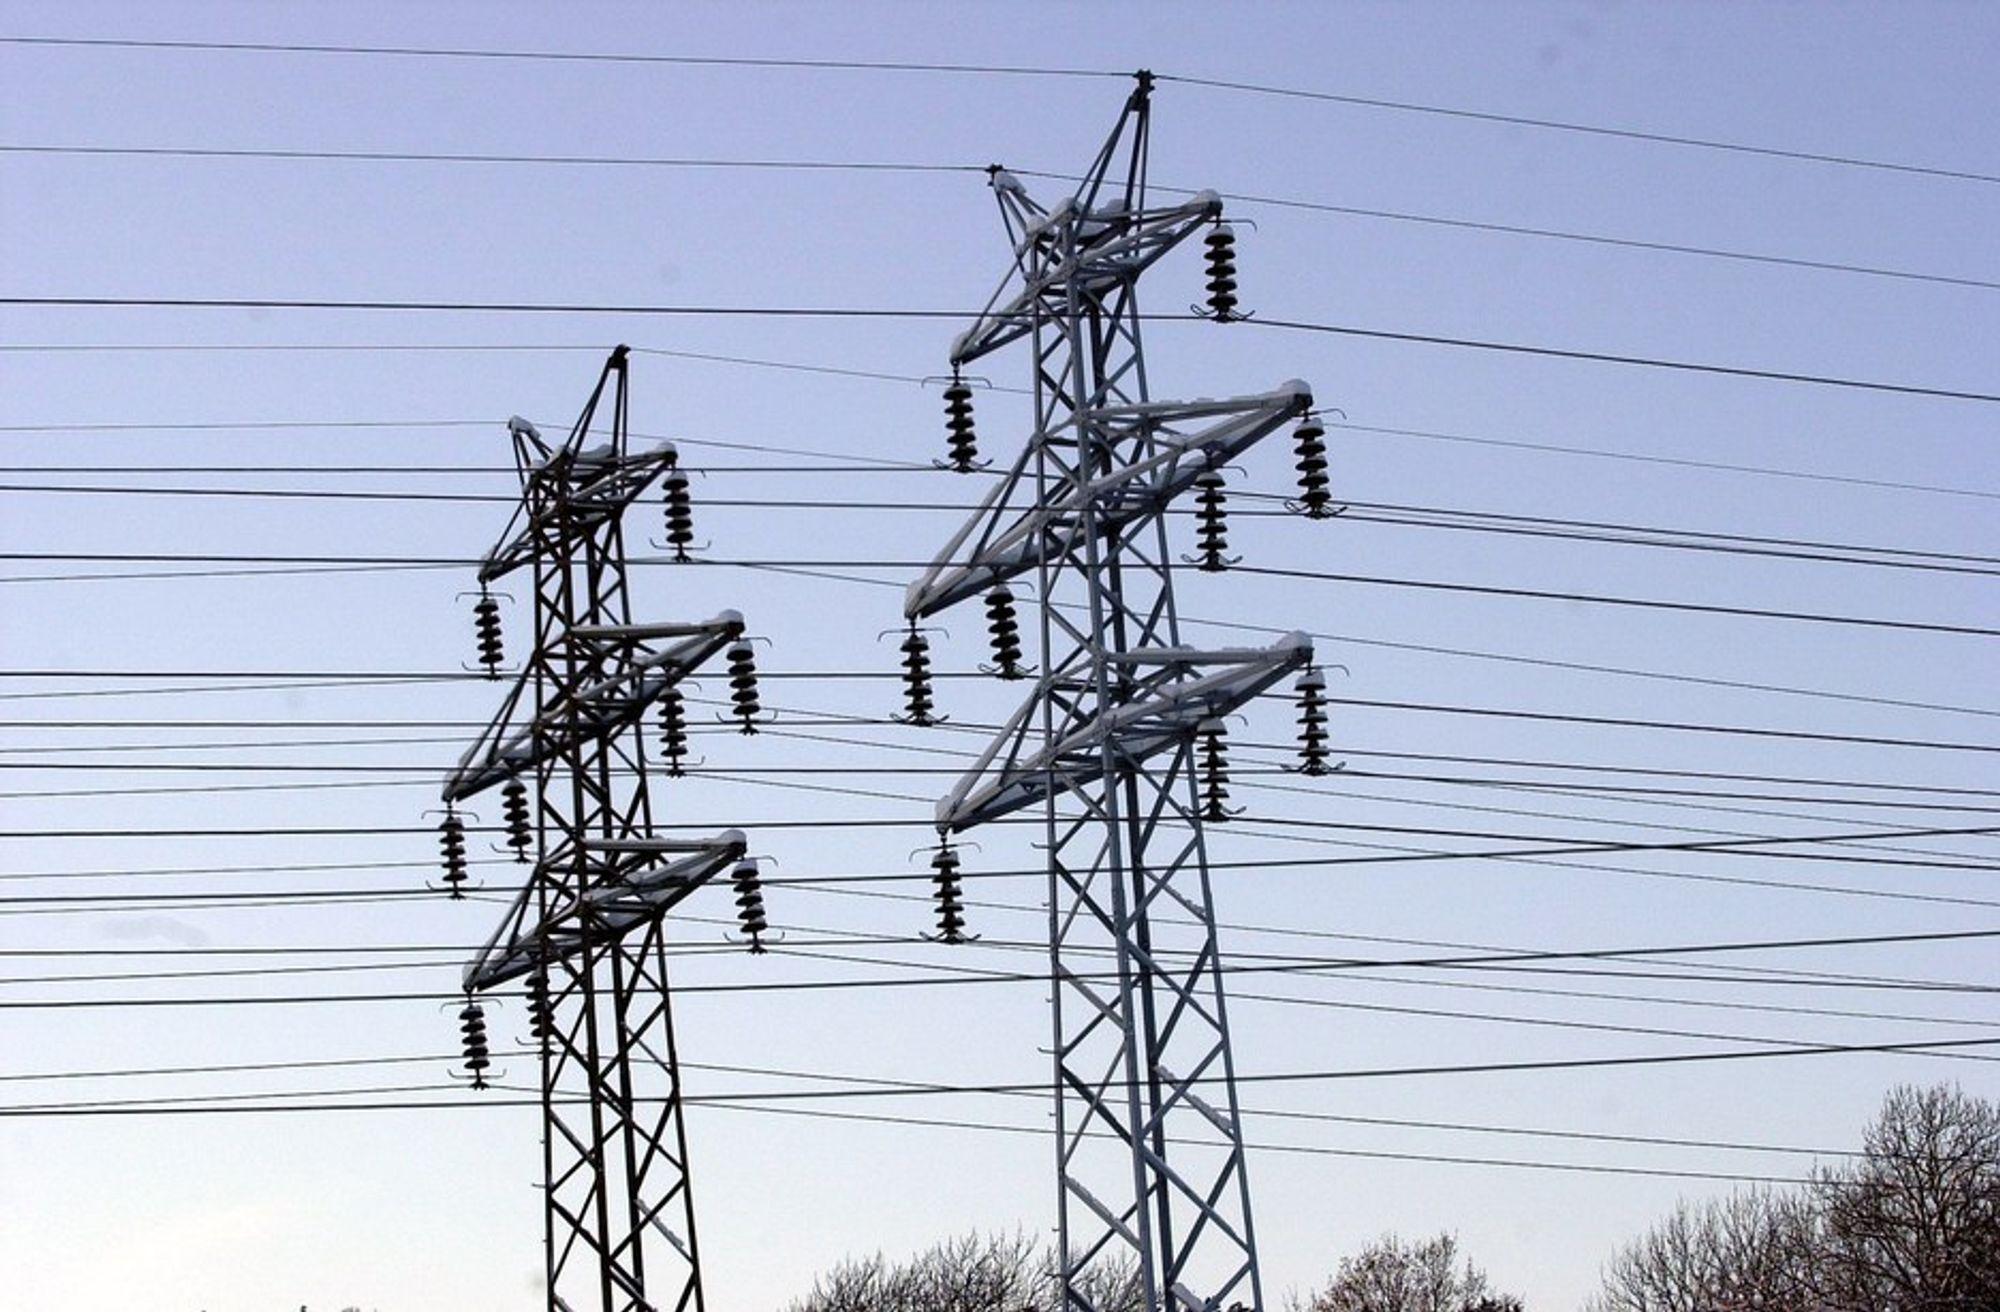 REKORD: Forbruket i alminnelig forsyning var 9 771 GWh i februar.  Det er det høyeste nivået som registrert for februar.